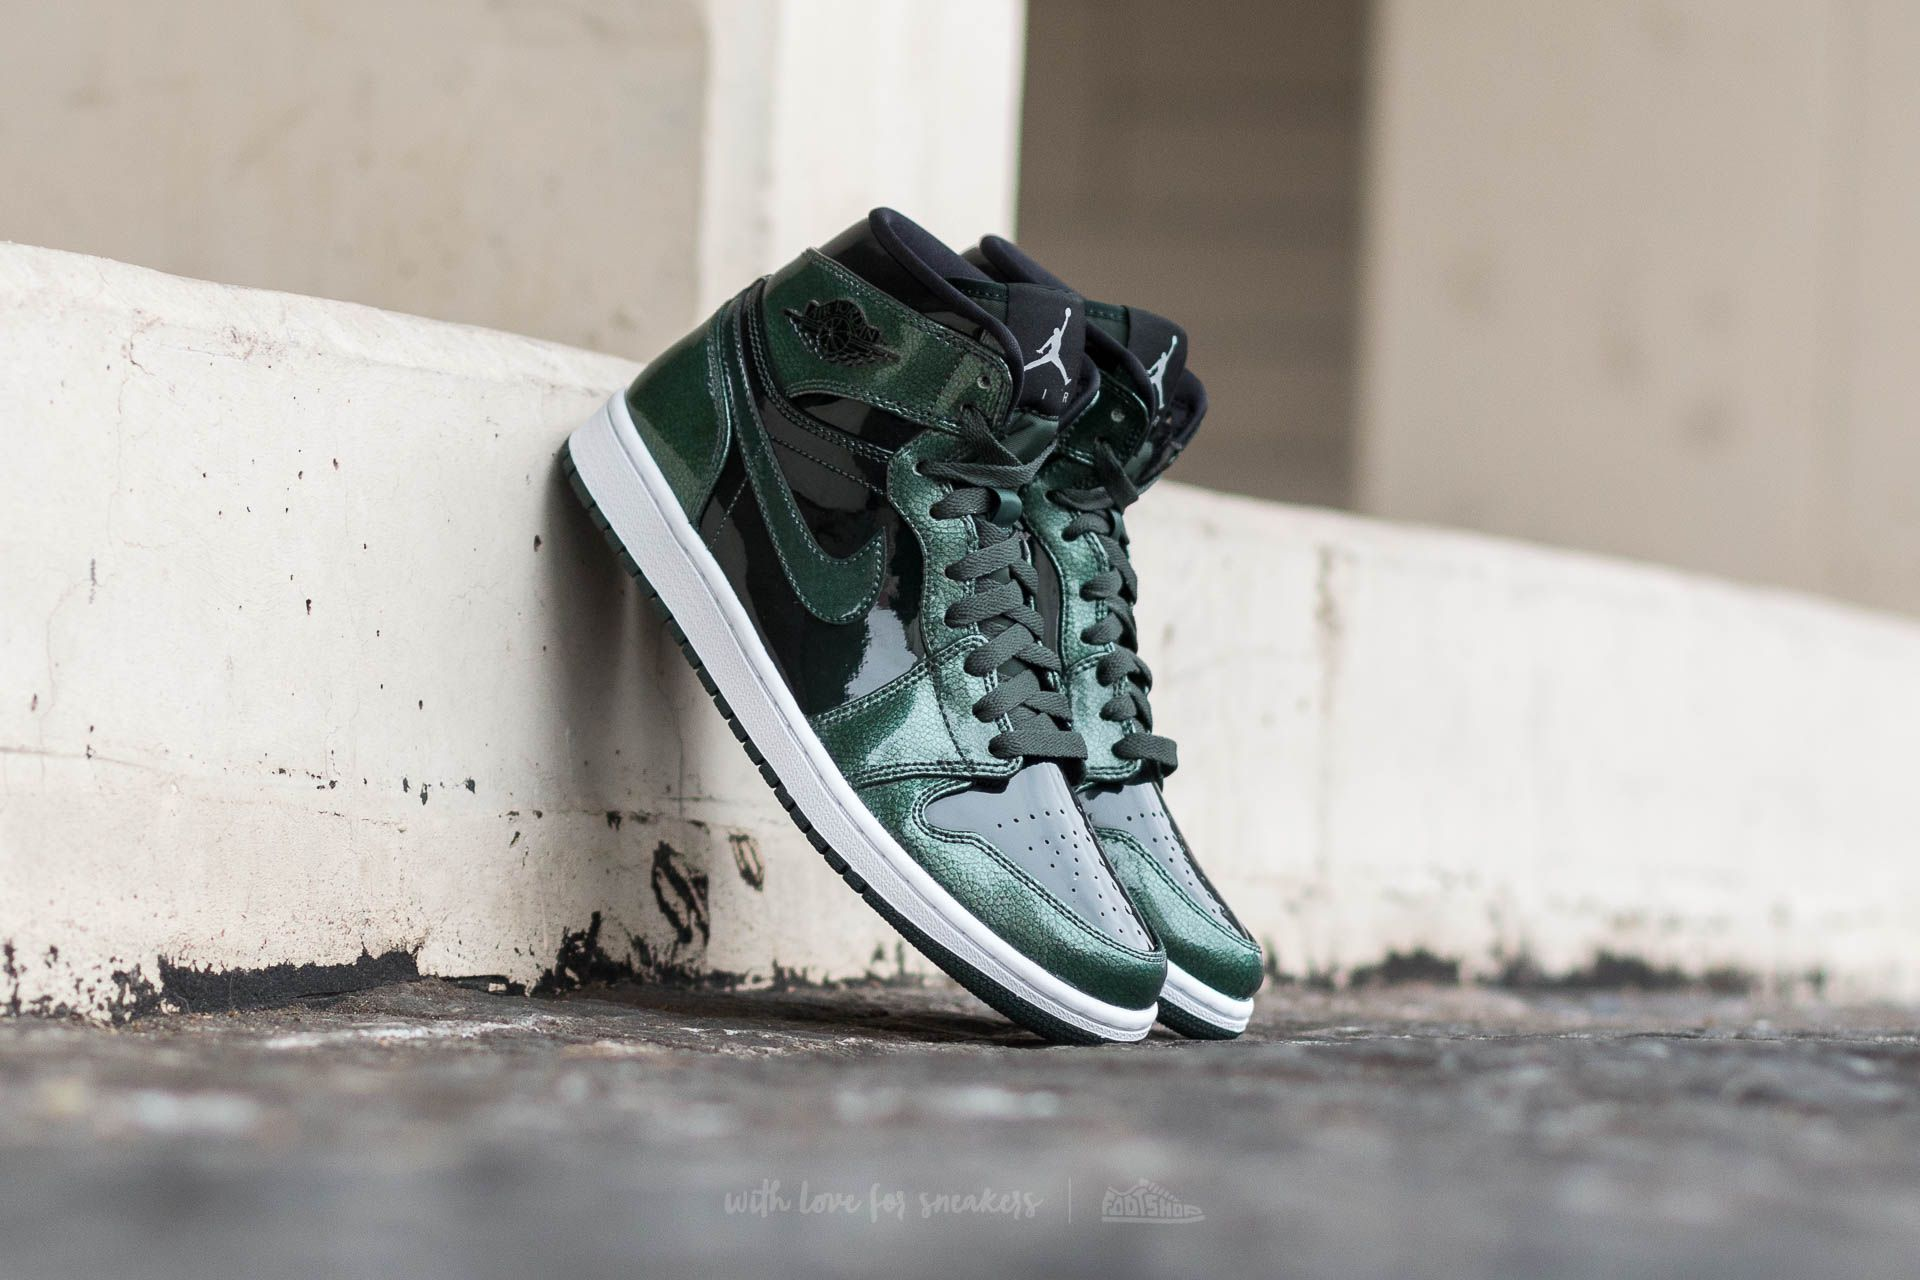 d94d60872e22 Air Jordan 1 Retro High Grove Green  Black-White